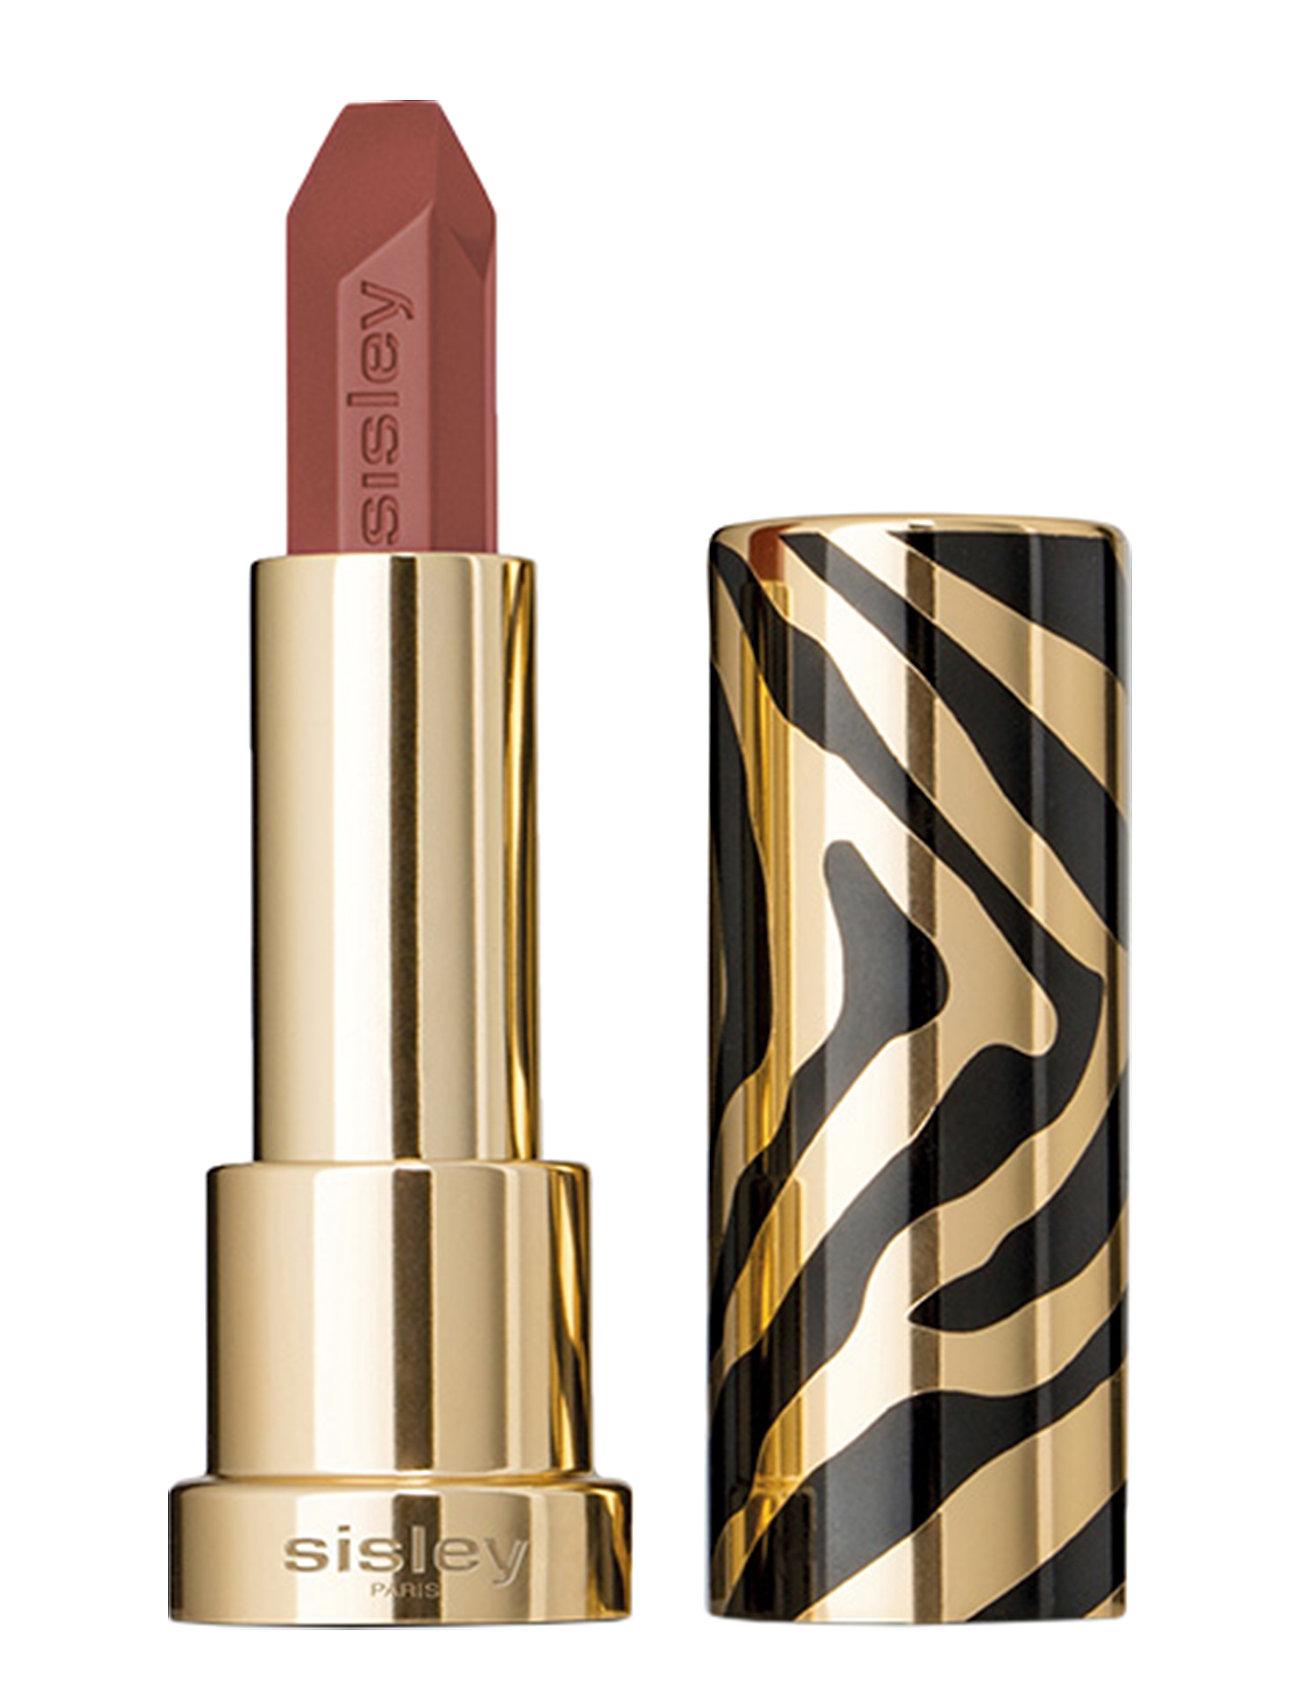 Image of Le Phyto Rouge 12 - Beige Bali Læbestift Makeup Beige Sisley (3075388503)